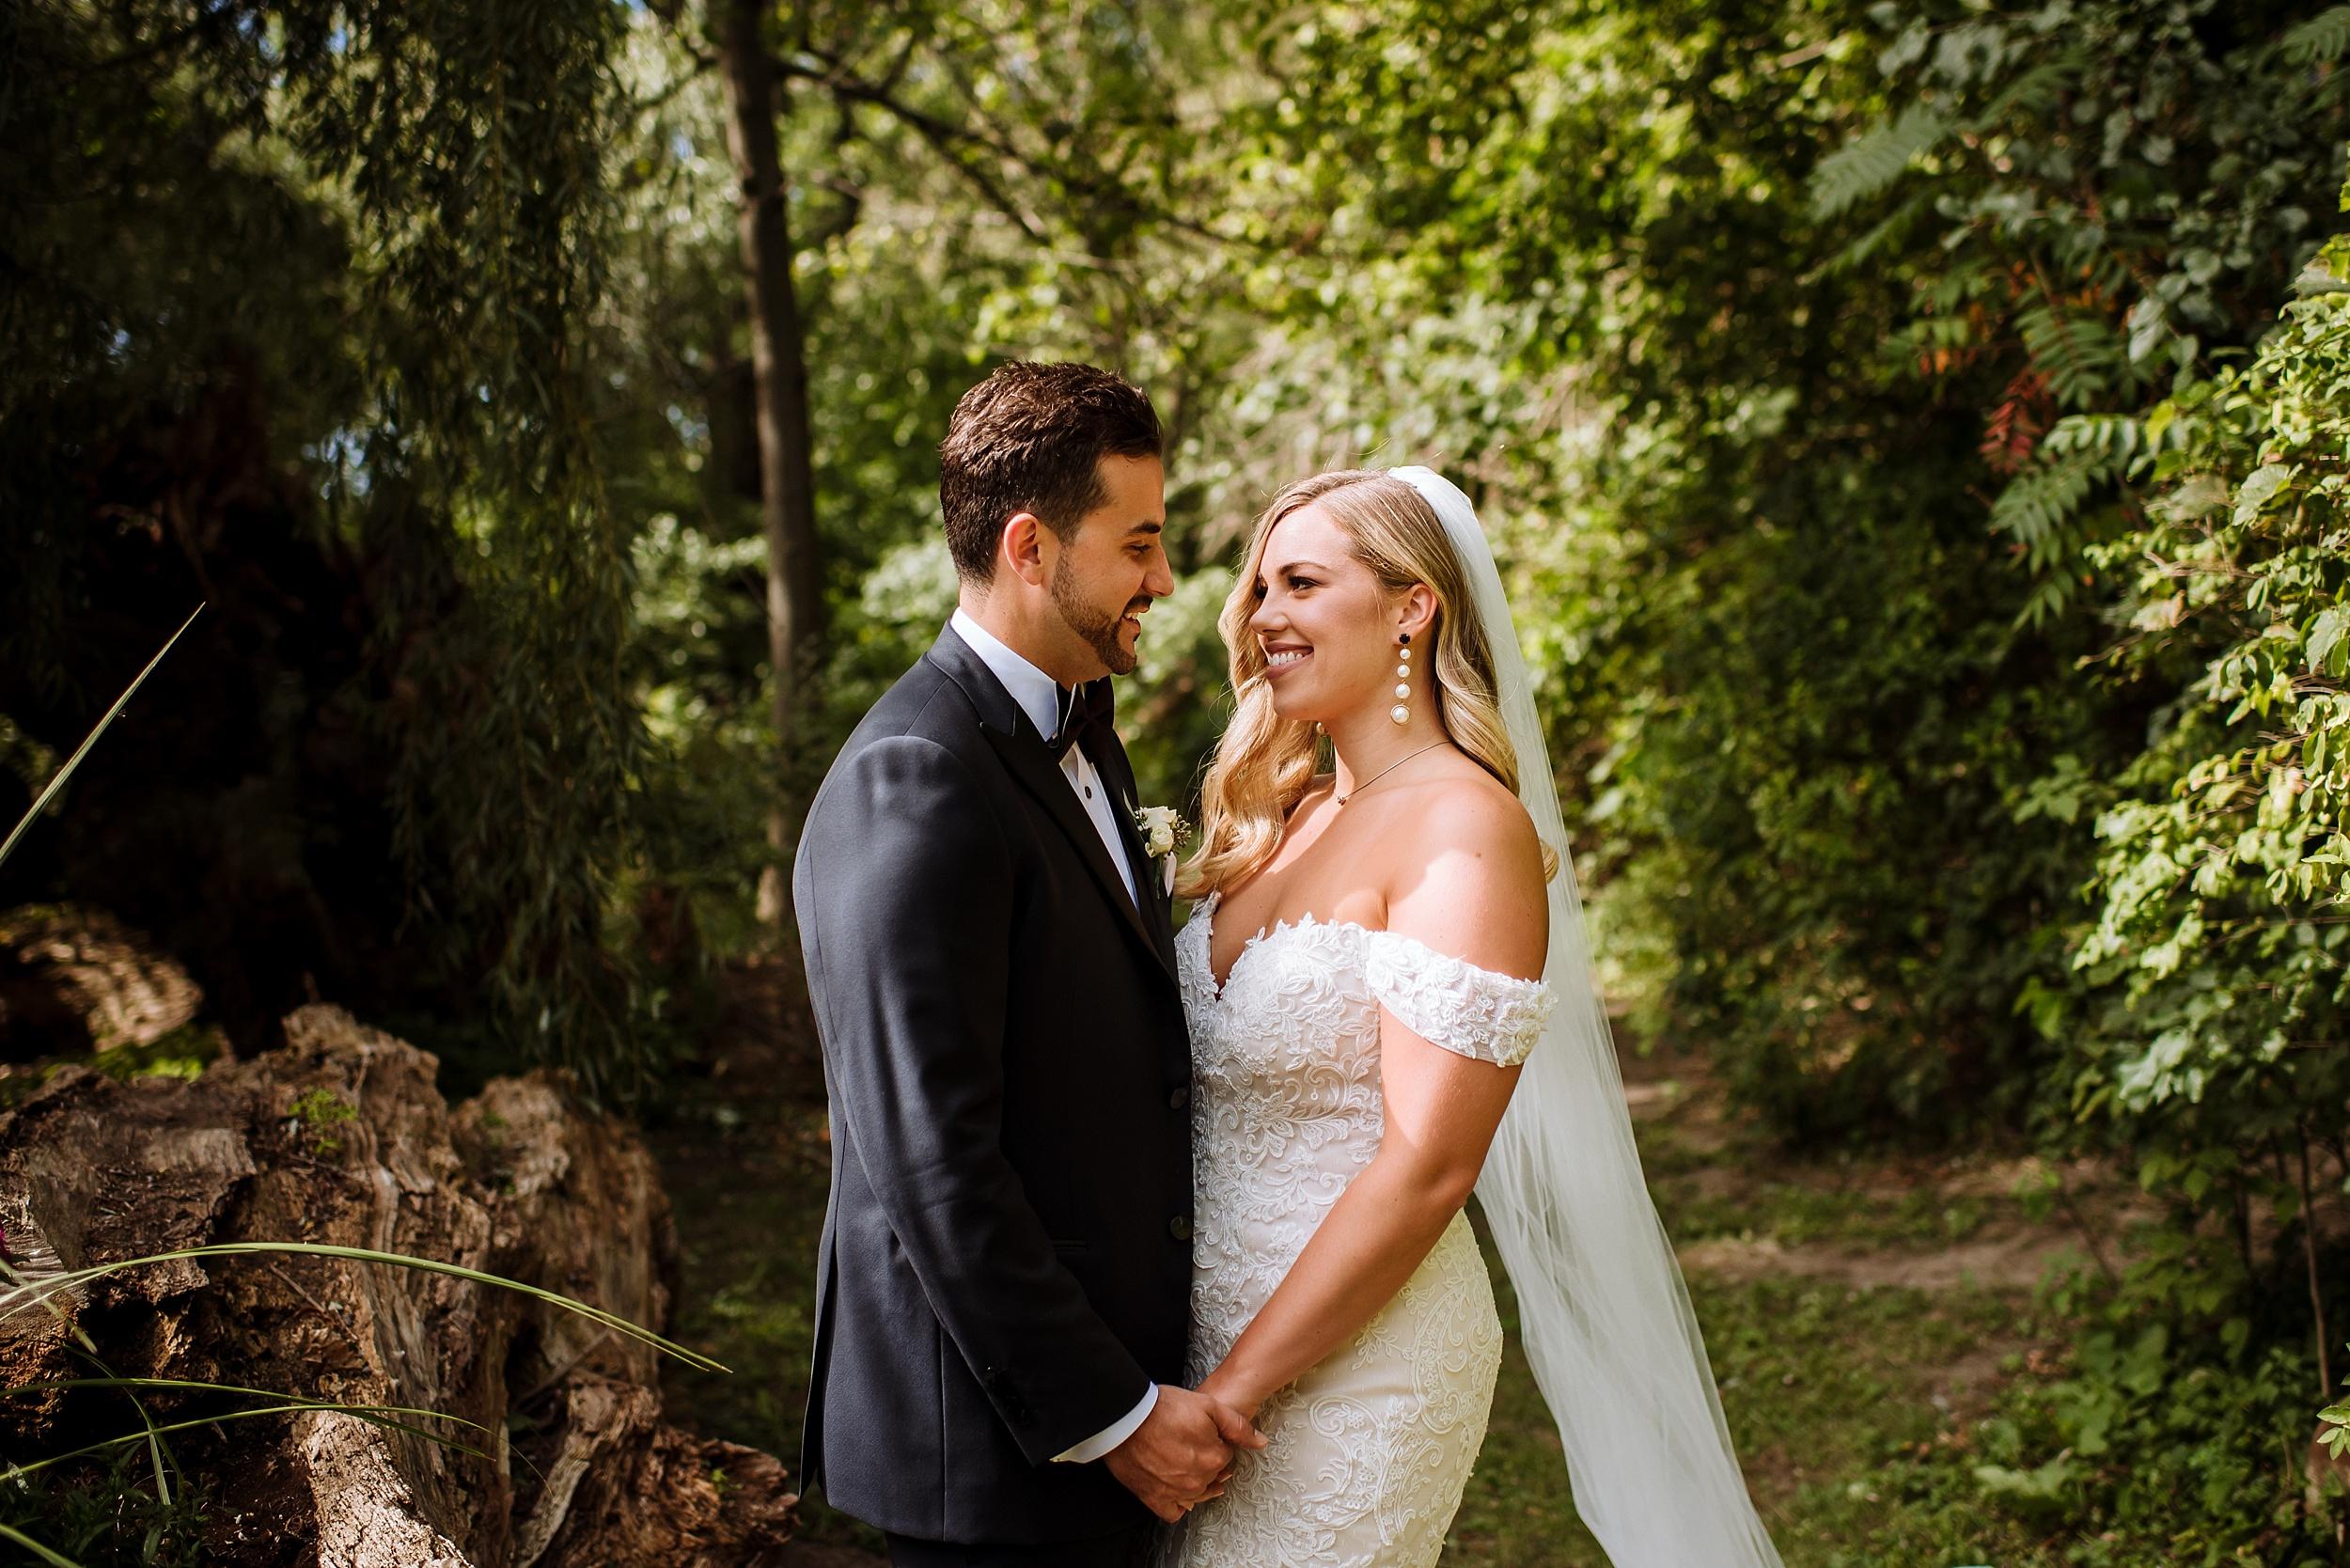 Rustic_Backyard_Wedding_Toronto_Photographer041.jpg